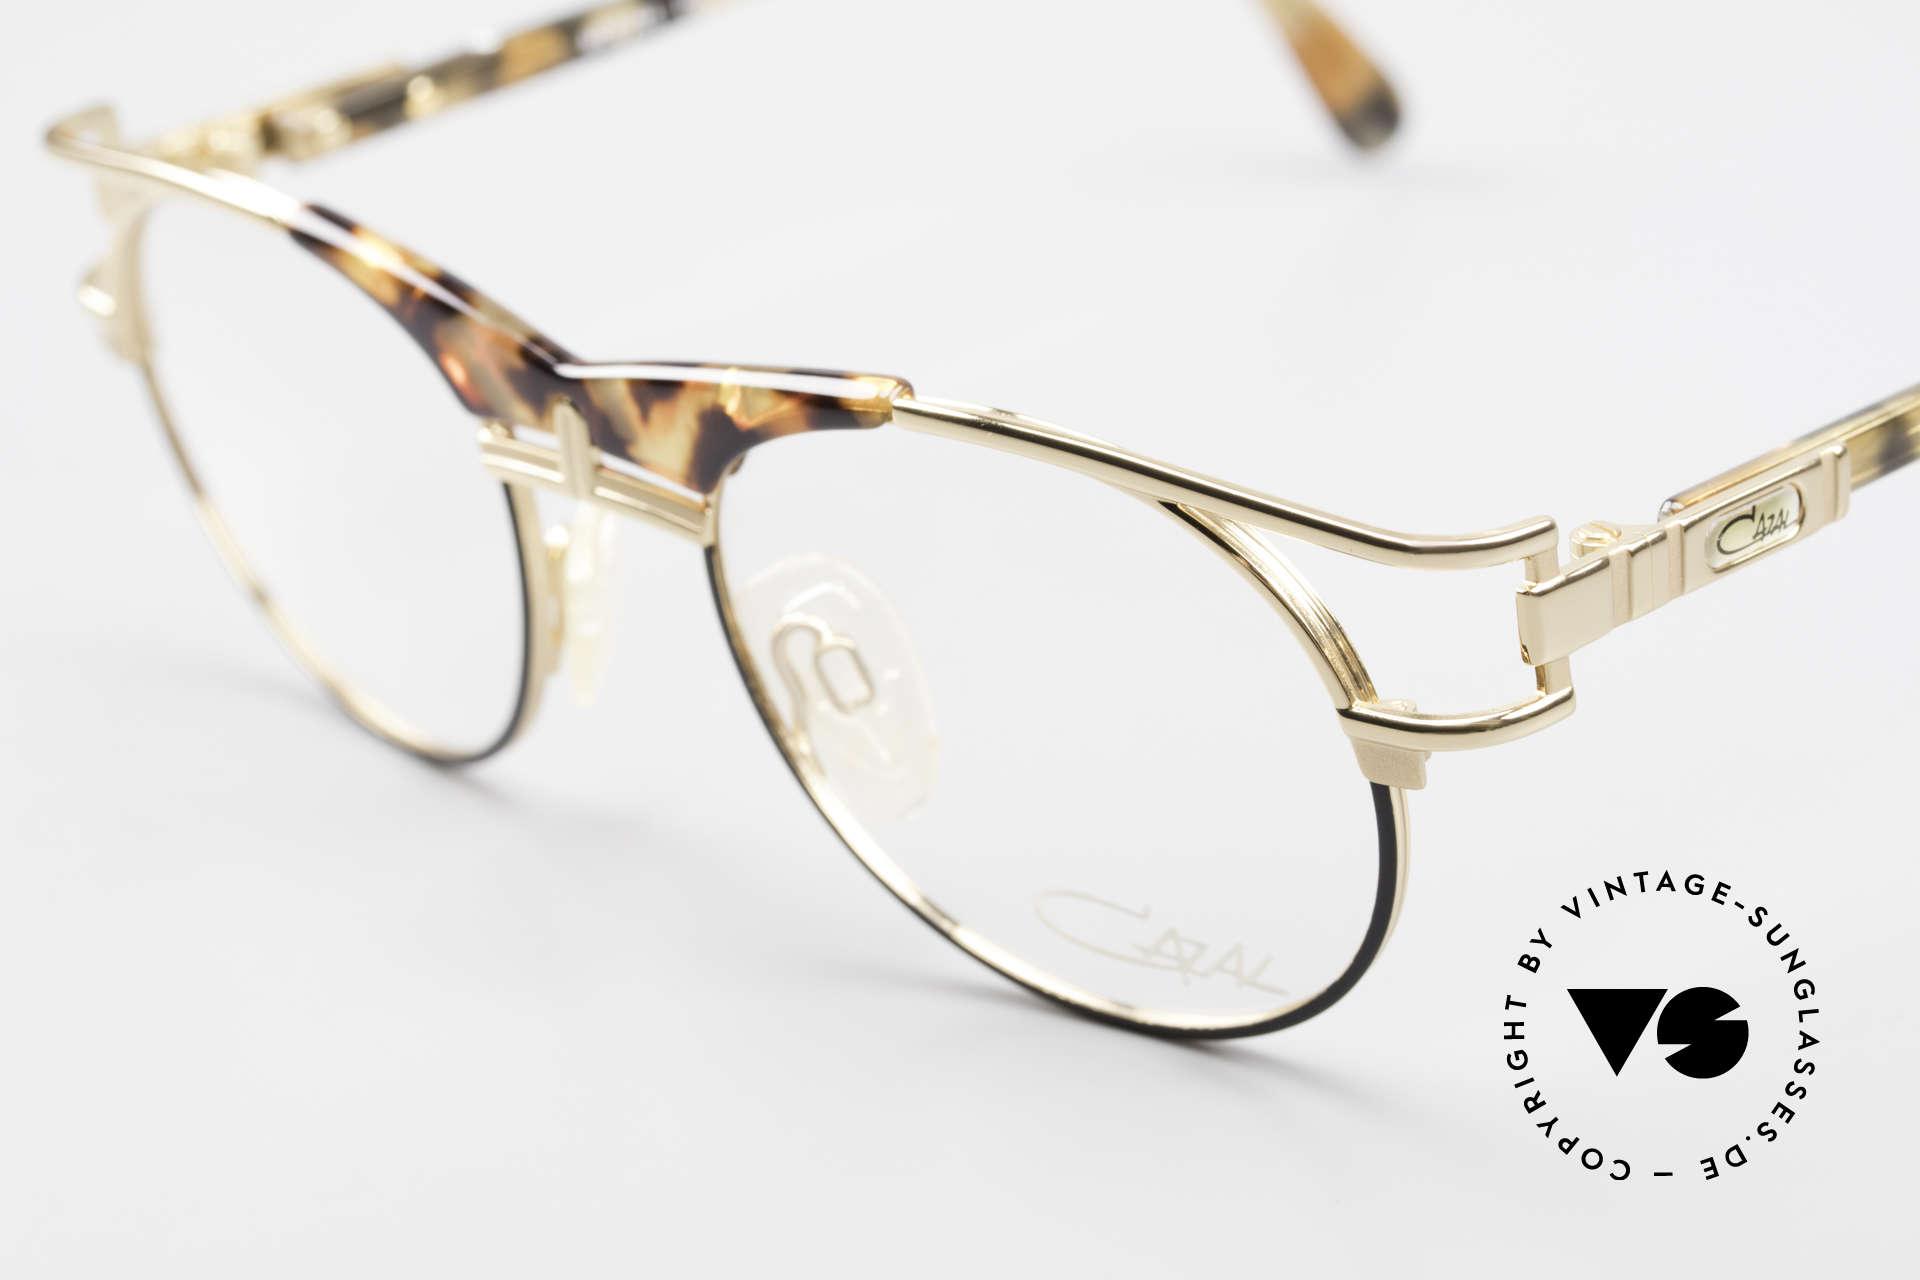 Cazal 244 90er Vintage Brille Panto Stil, ungetragen (wie alle unsere 90er vintage Cazals), Passend für Herren und Damen